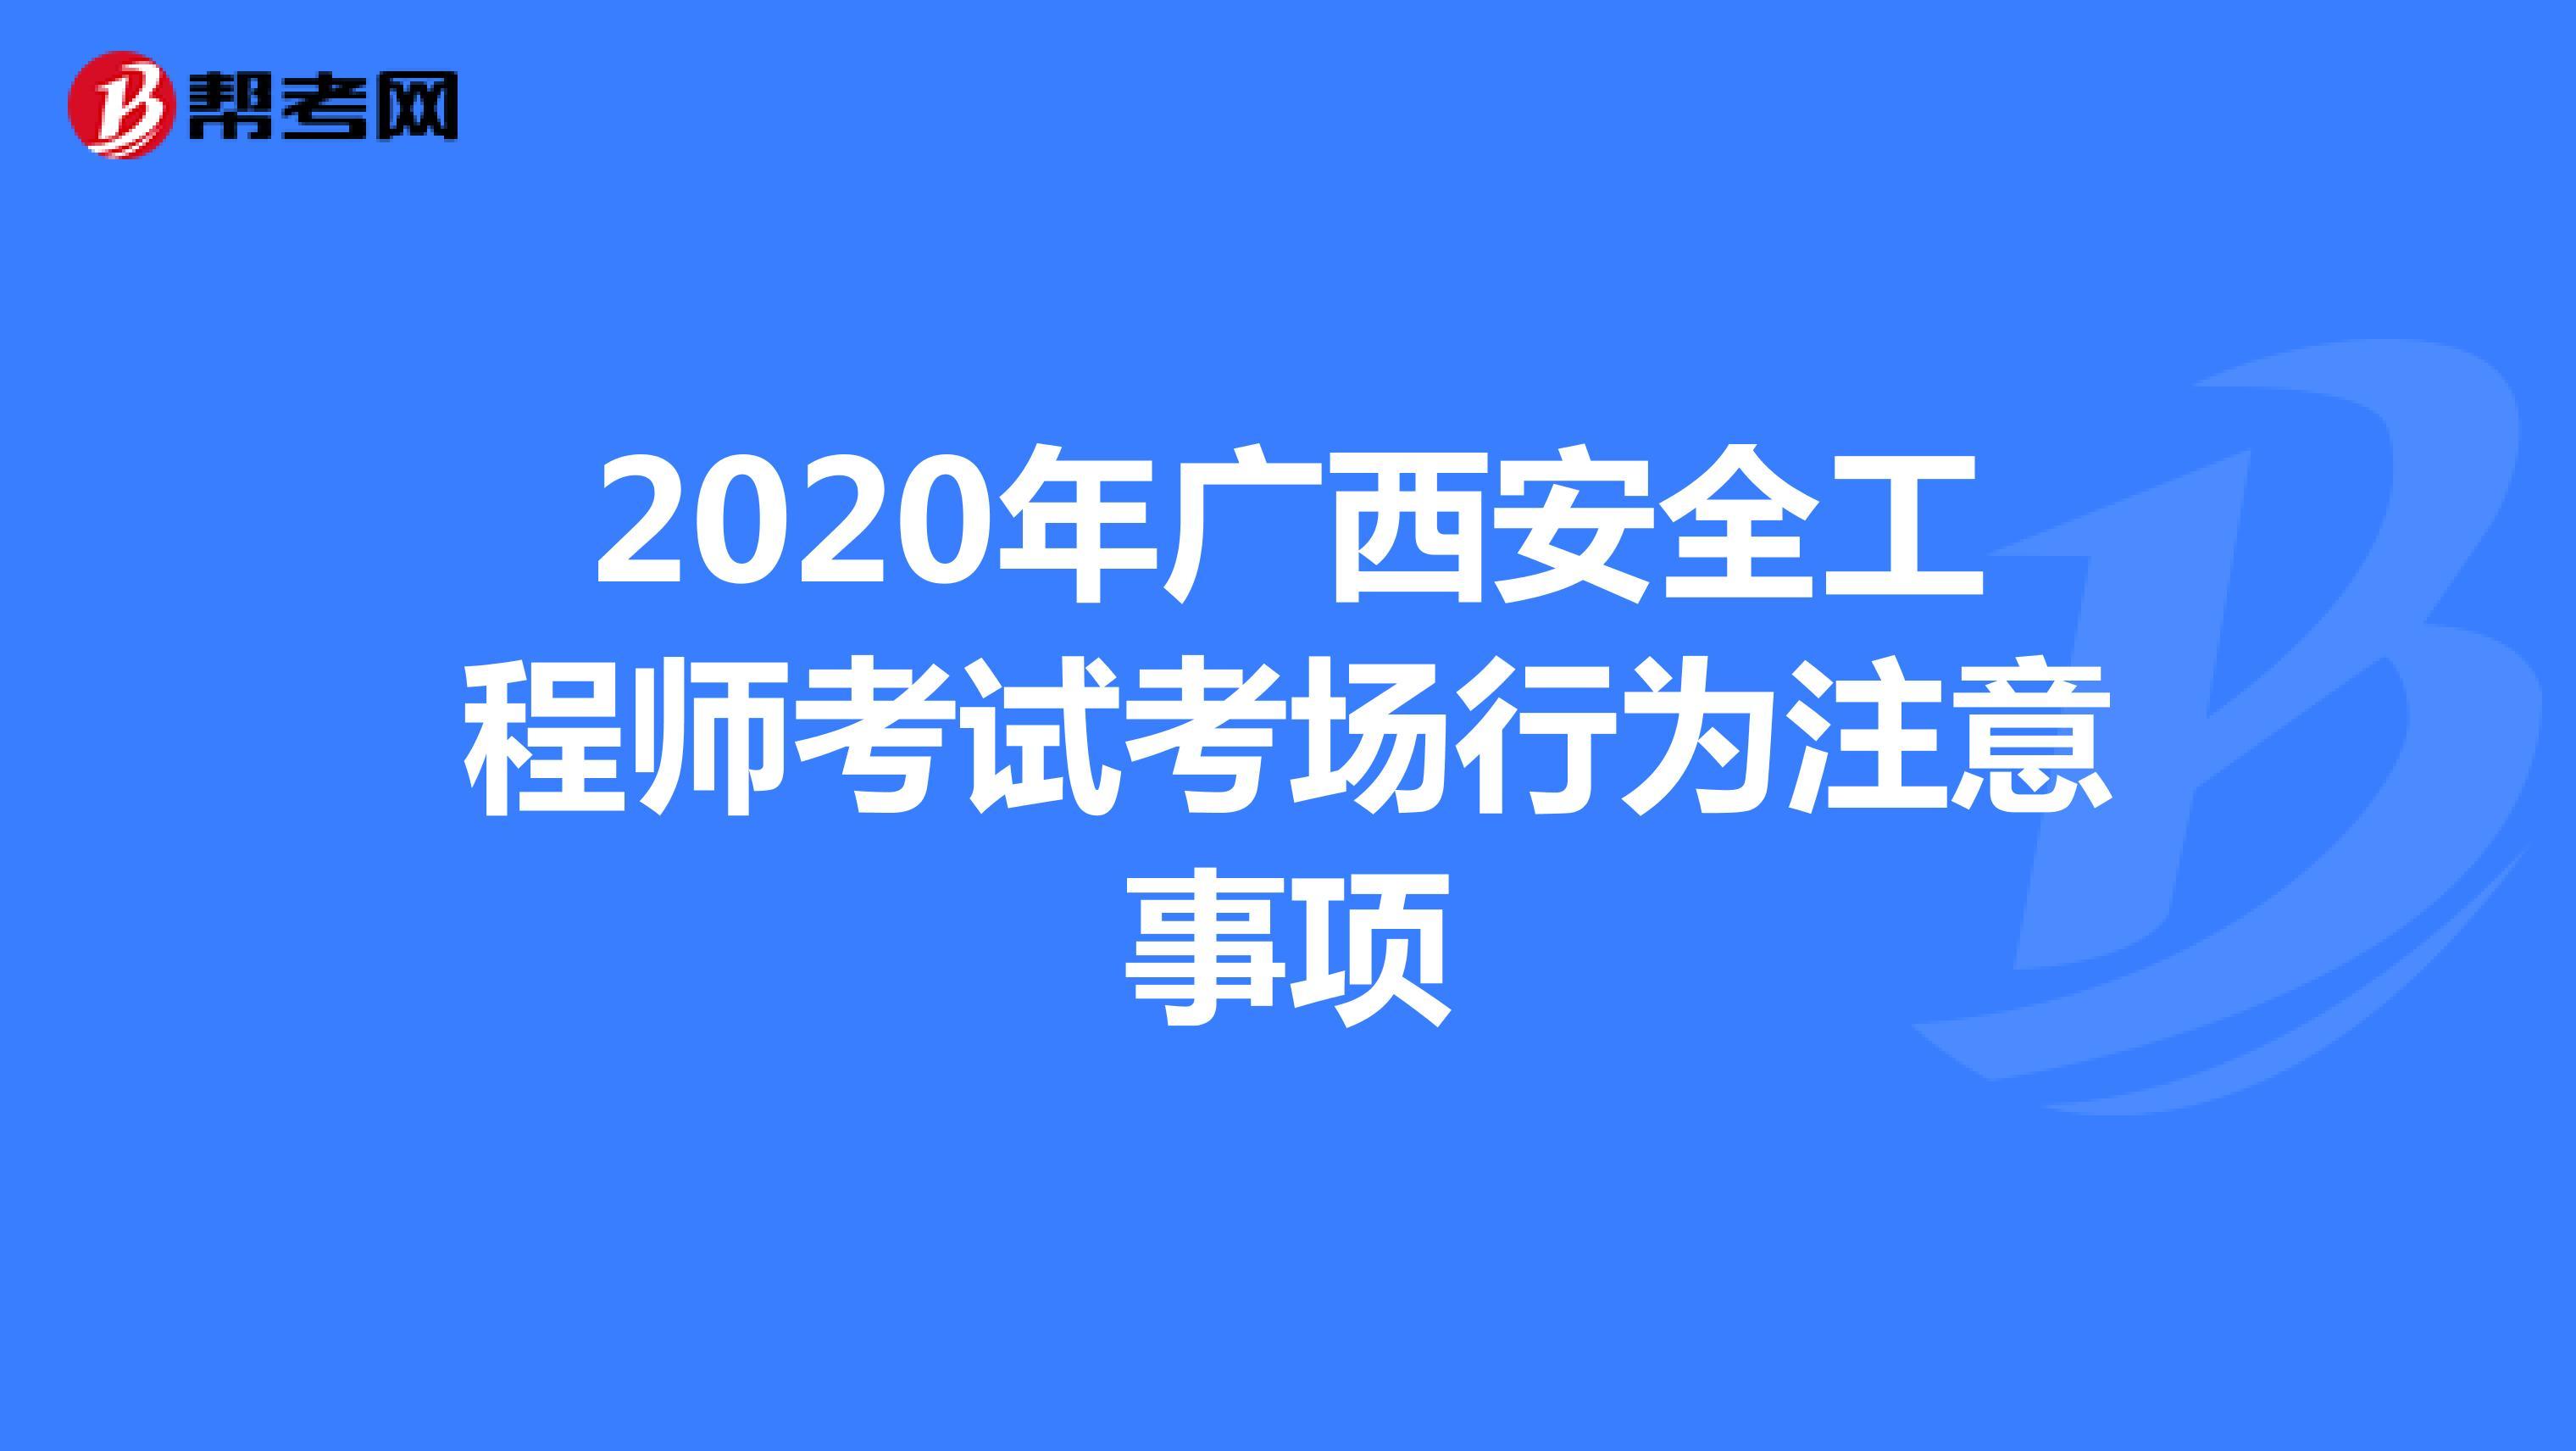 2020年广西安全工程师考试考场行为注意事项